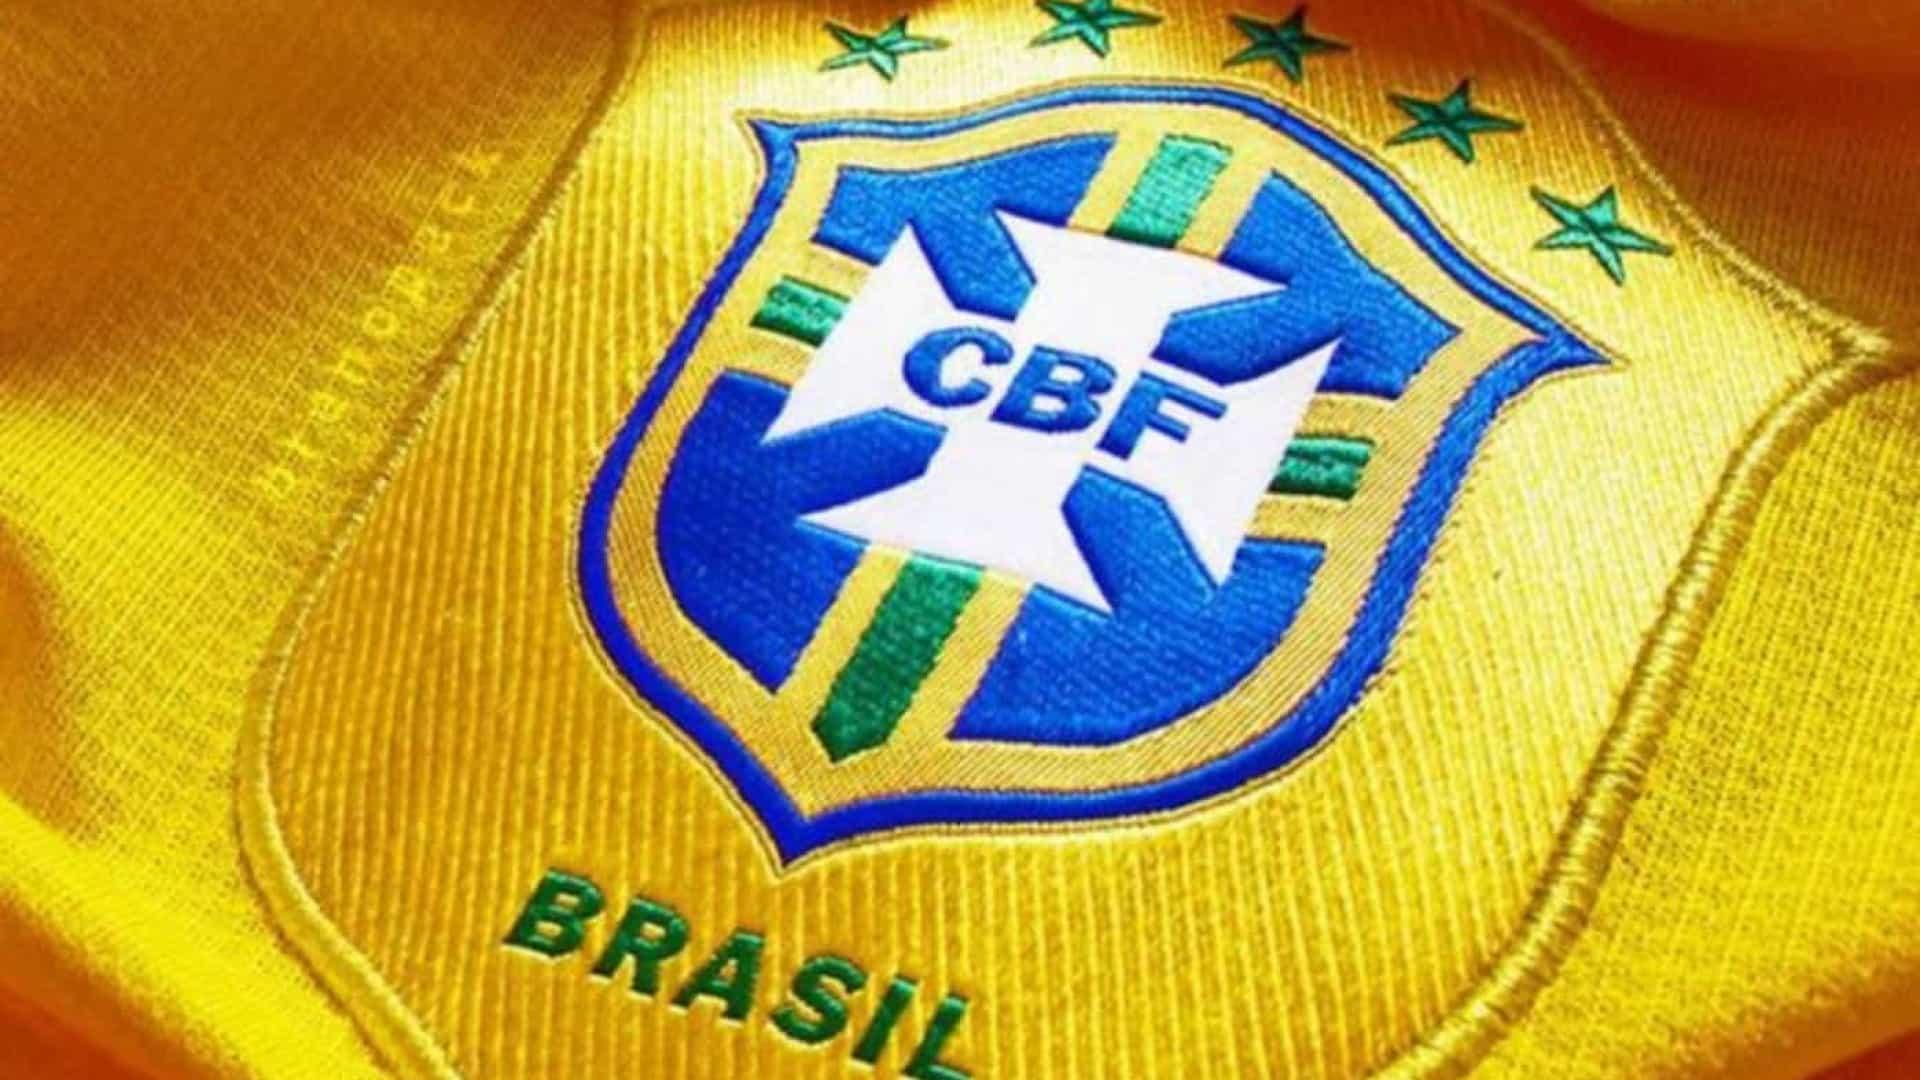 Afastado da presidência da CBF, Caboclo pode ser banido do futebol por má conduta